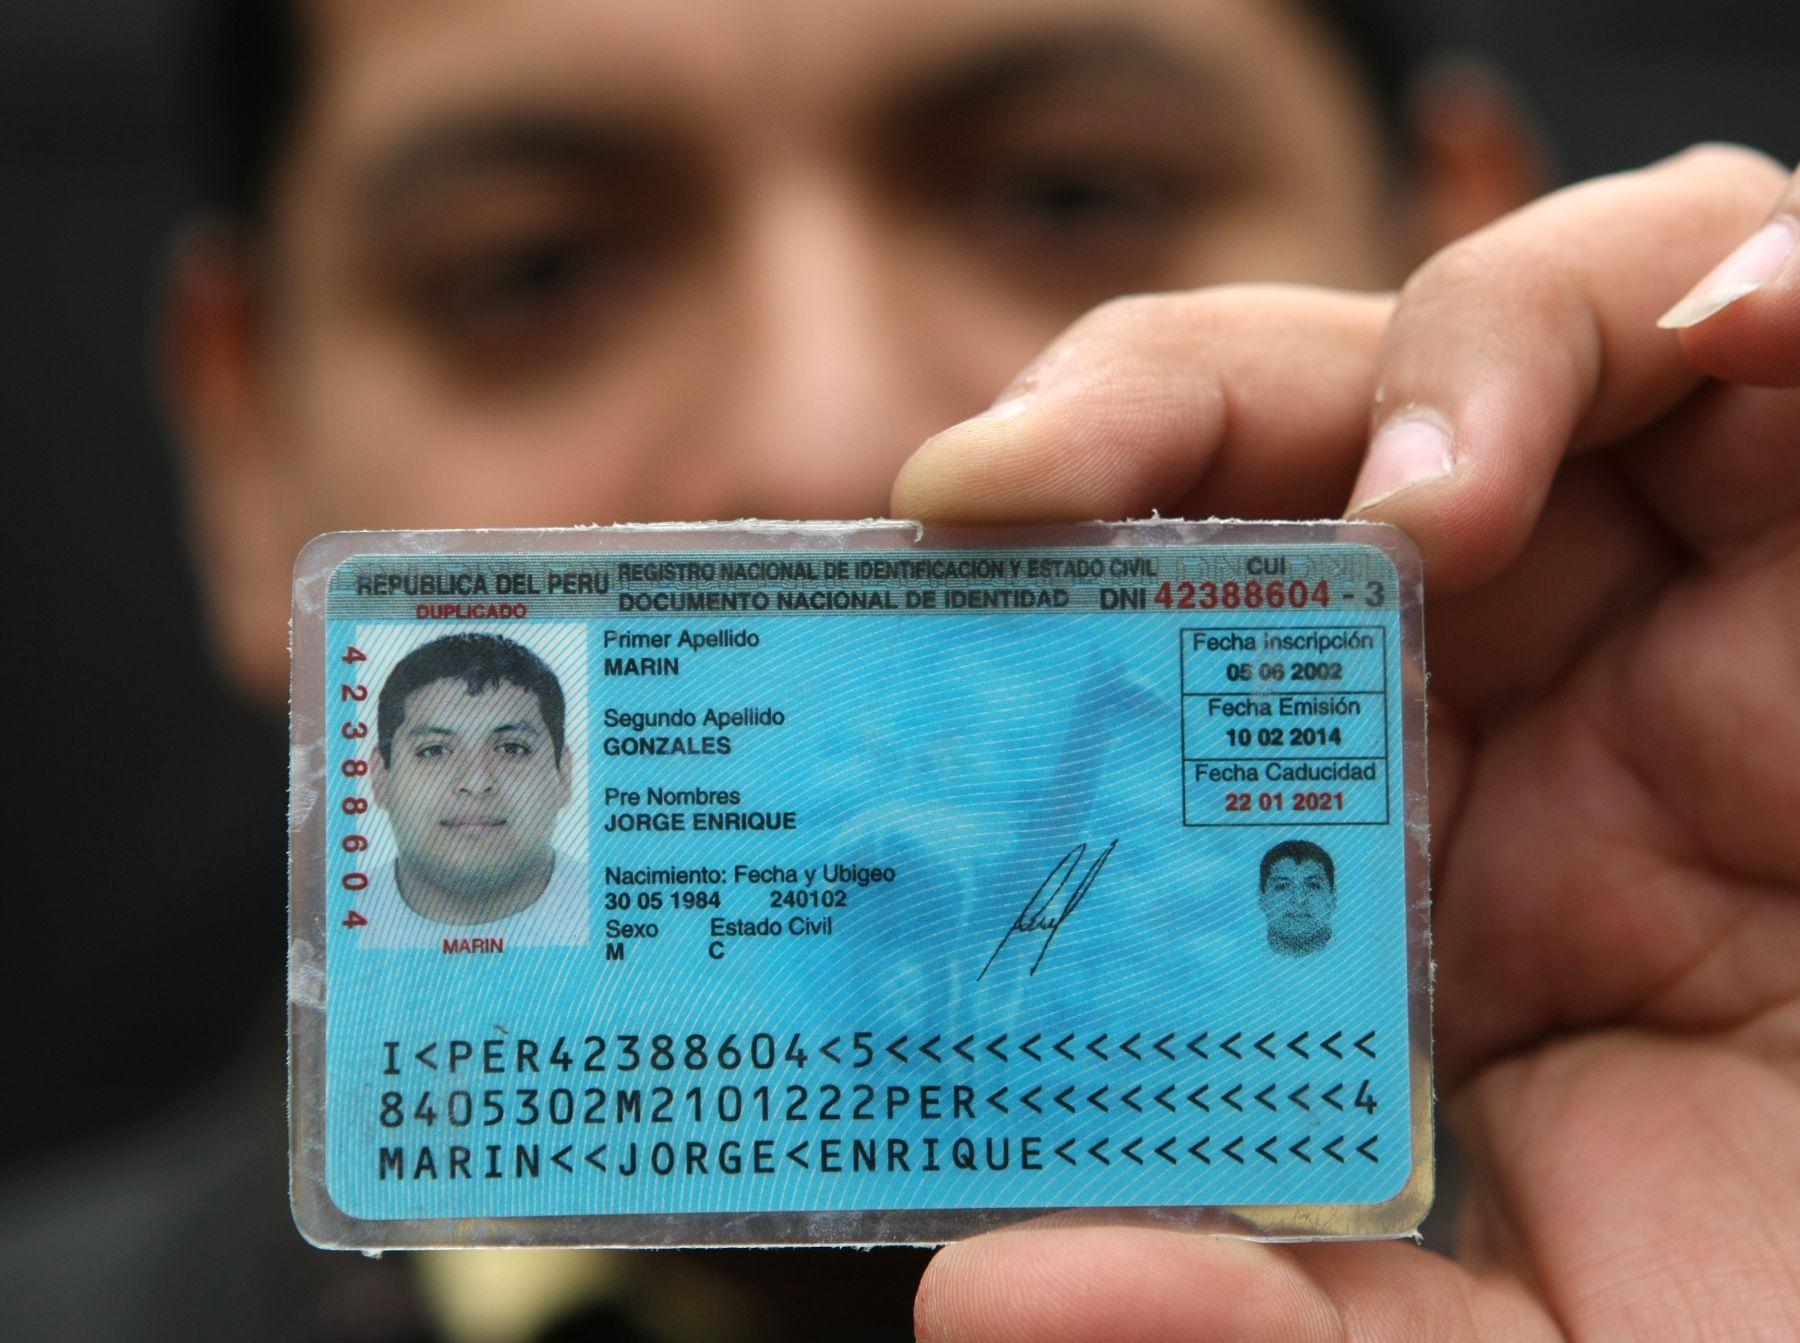 """Tener el DNI vigente y con los datos actualizados le otorga """"seguridad jurídica"""" a la persona, señalan en Reniec. Foto: ANDINA/Norman Córdova"""